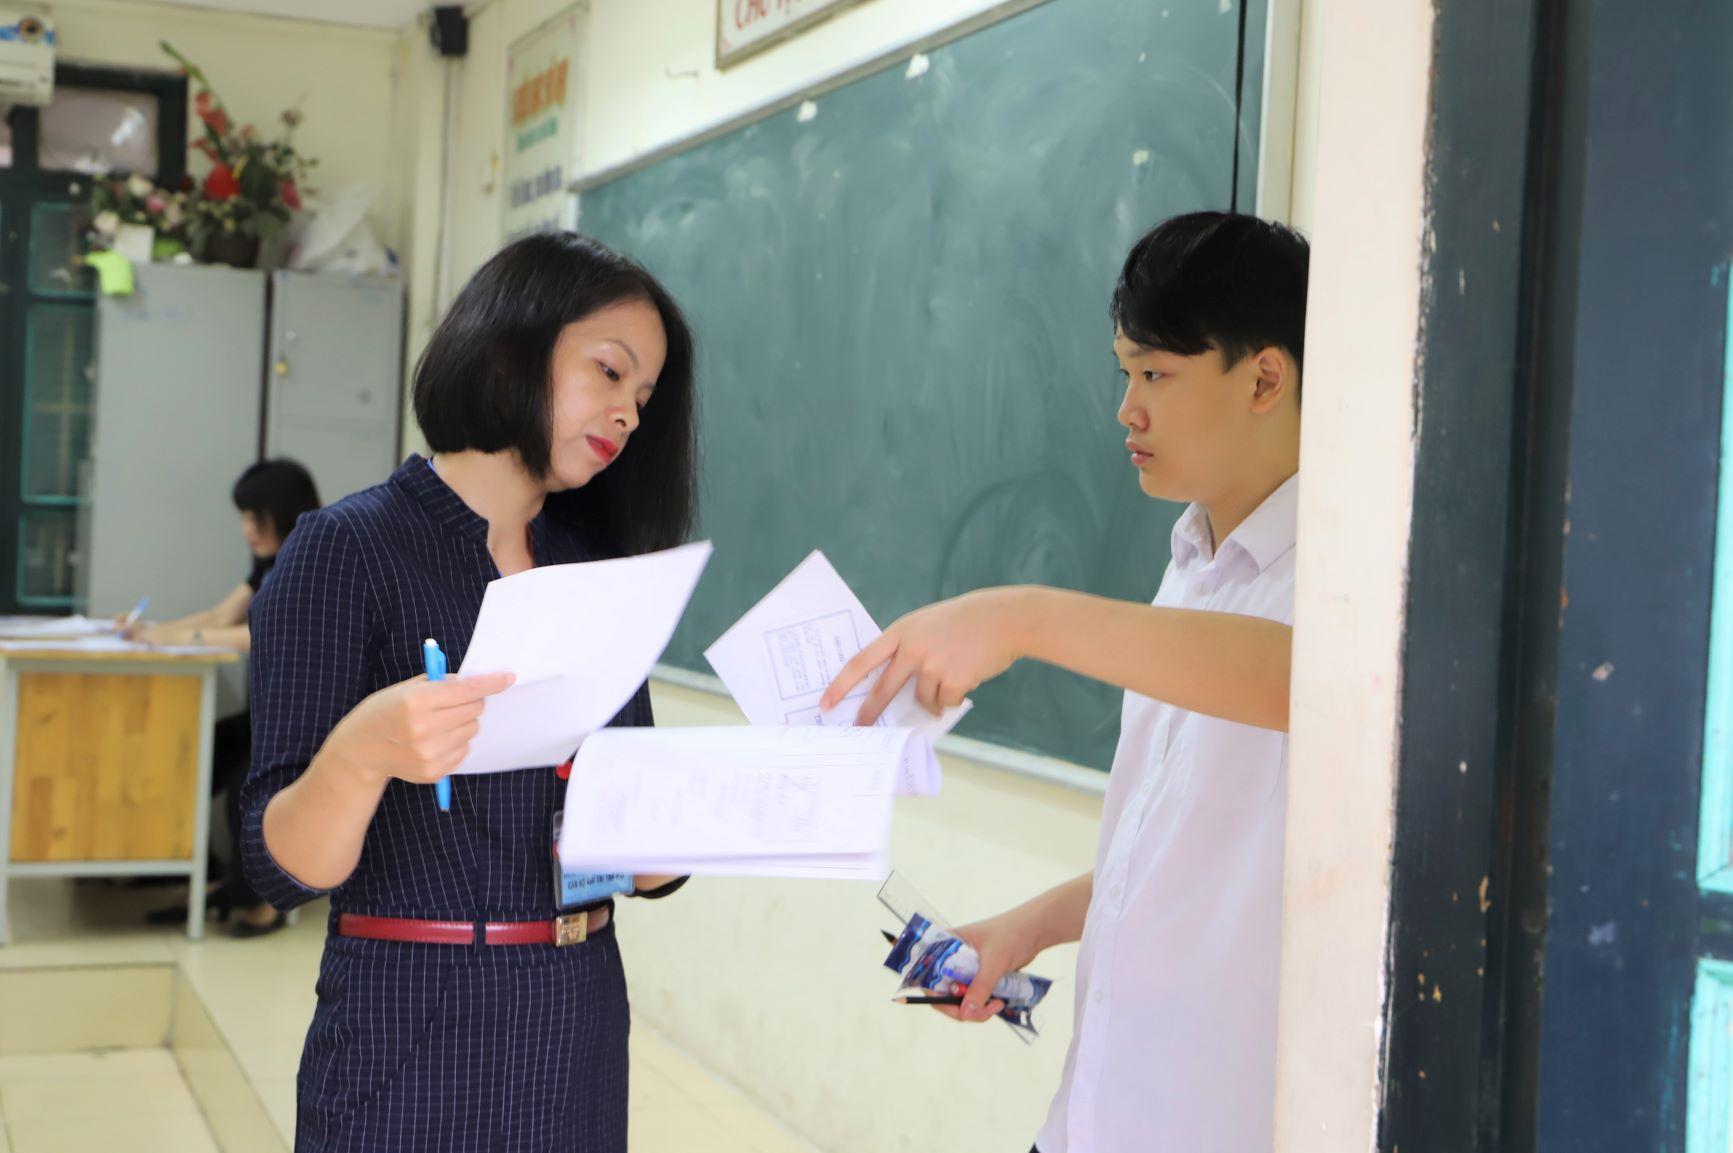 Tất cả các thắc mắc của thí sinh đều được giám thị giải đáp đầy đủ, trước khi có hiệu lệnh vào giờ làm bài và bóc đề thi